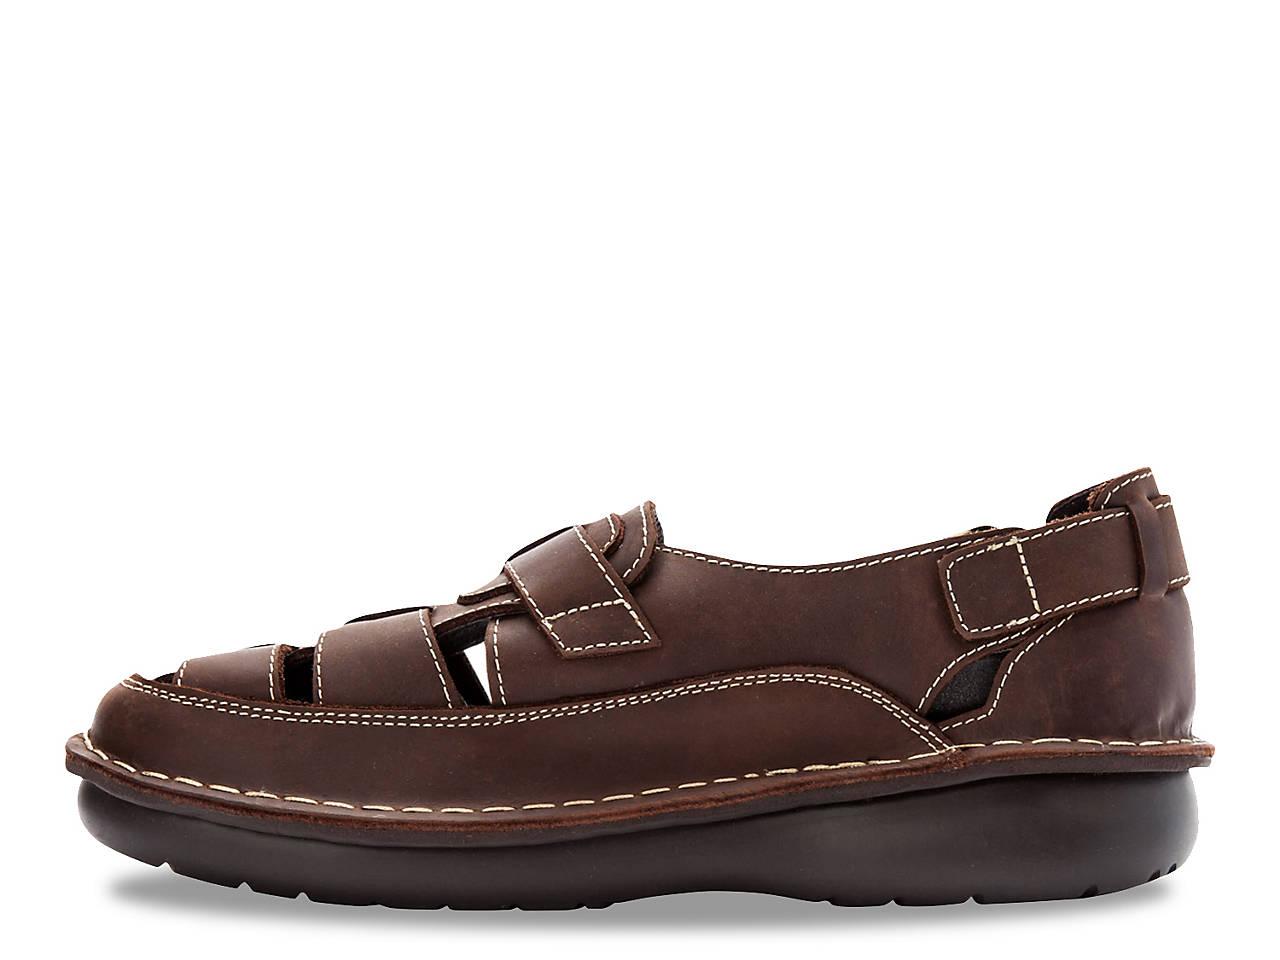 5b9333ca4 Propet Villager Sandal Men s Shoes